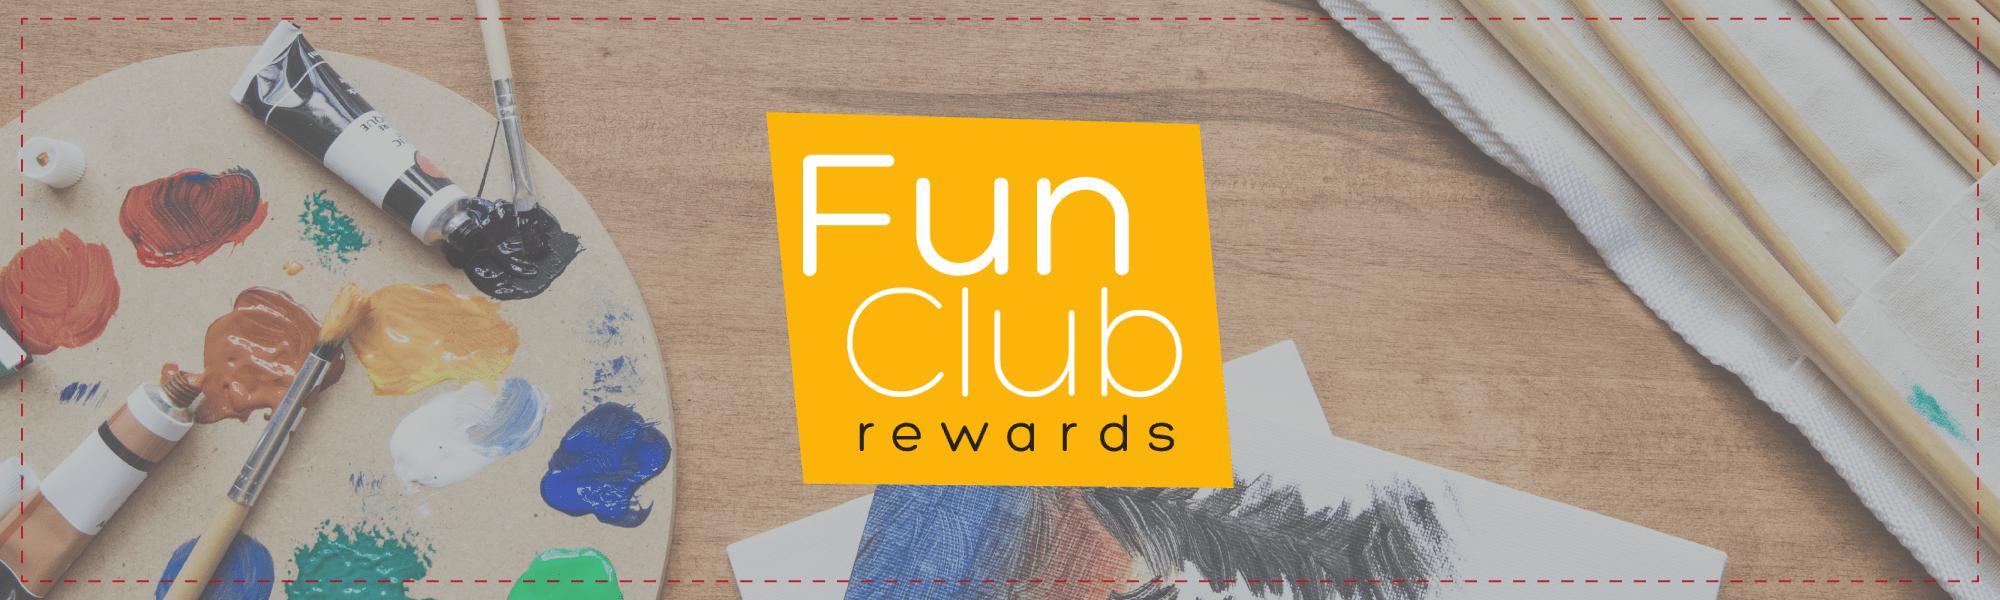 Mangelsen's Fun Club